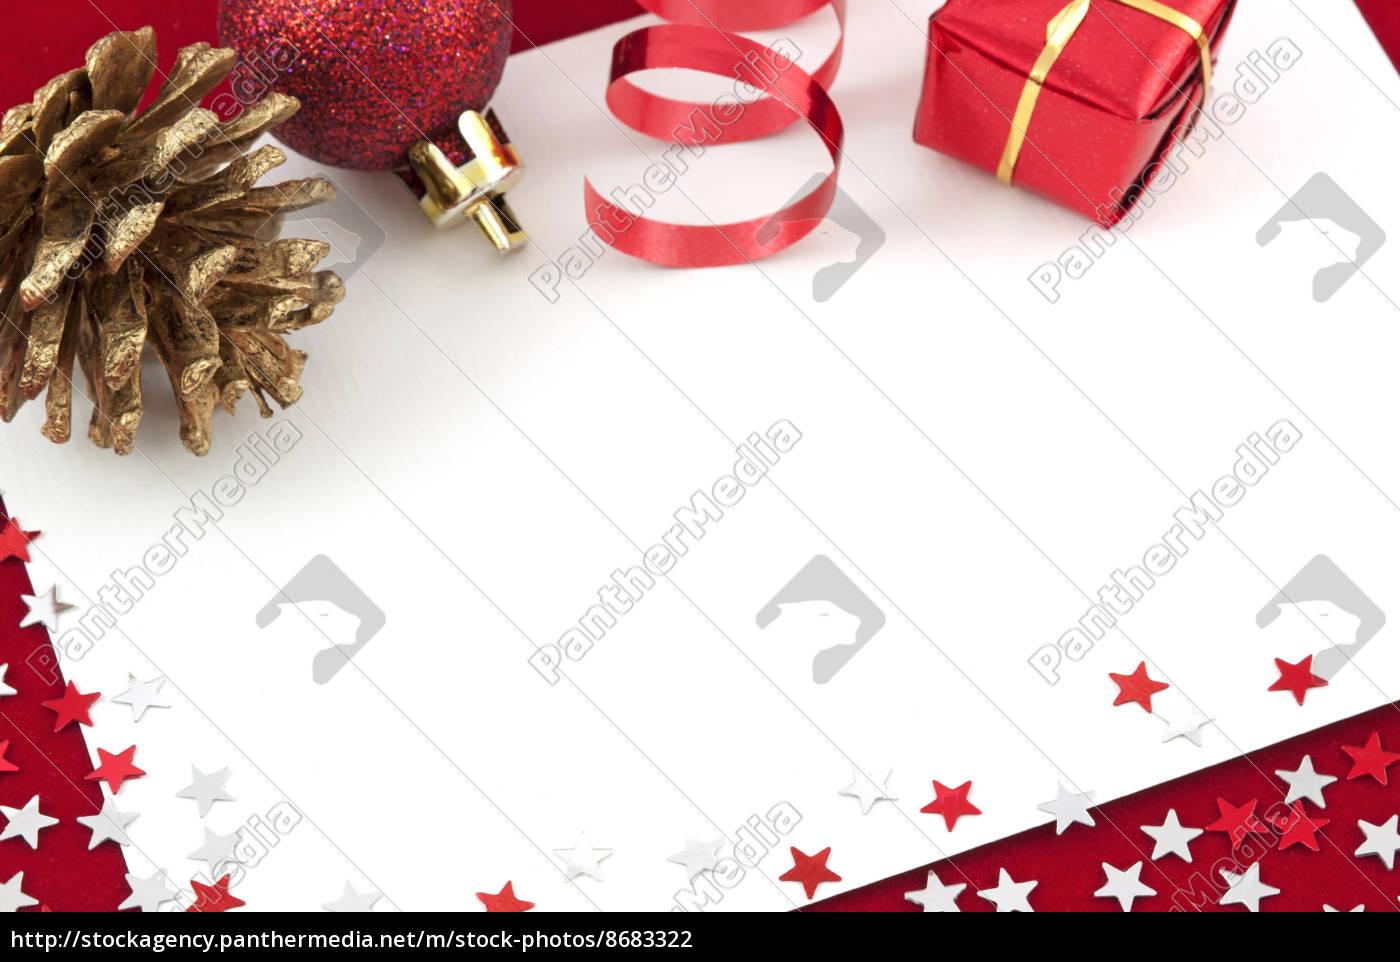 Weihnachtskarte Farbreich